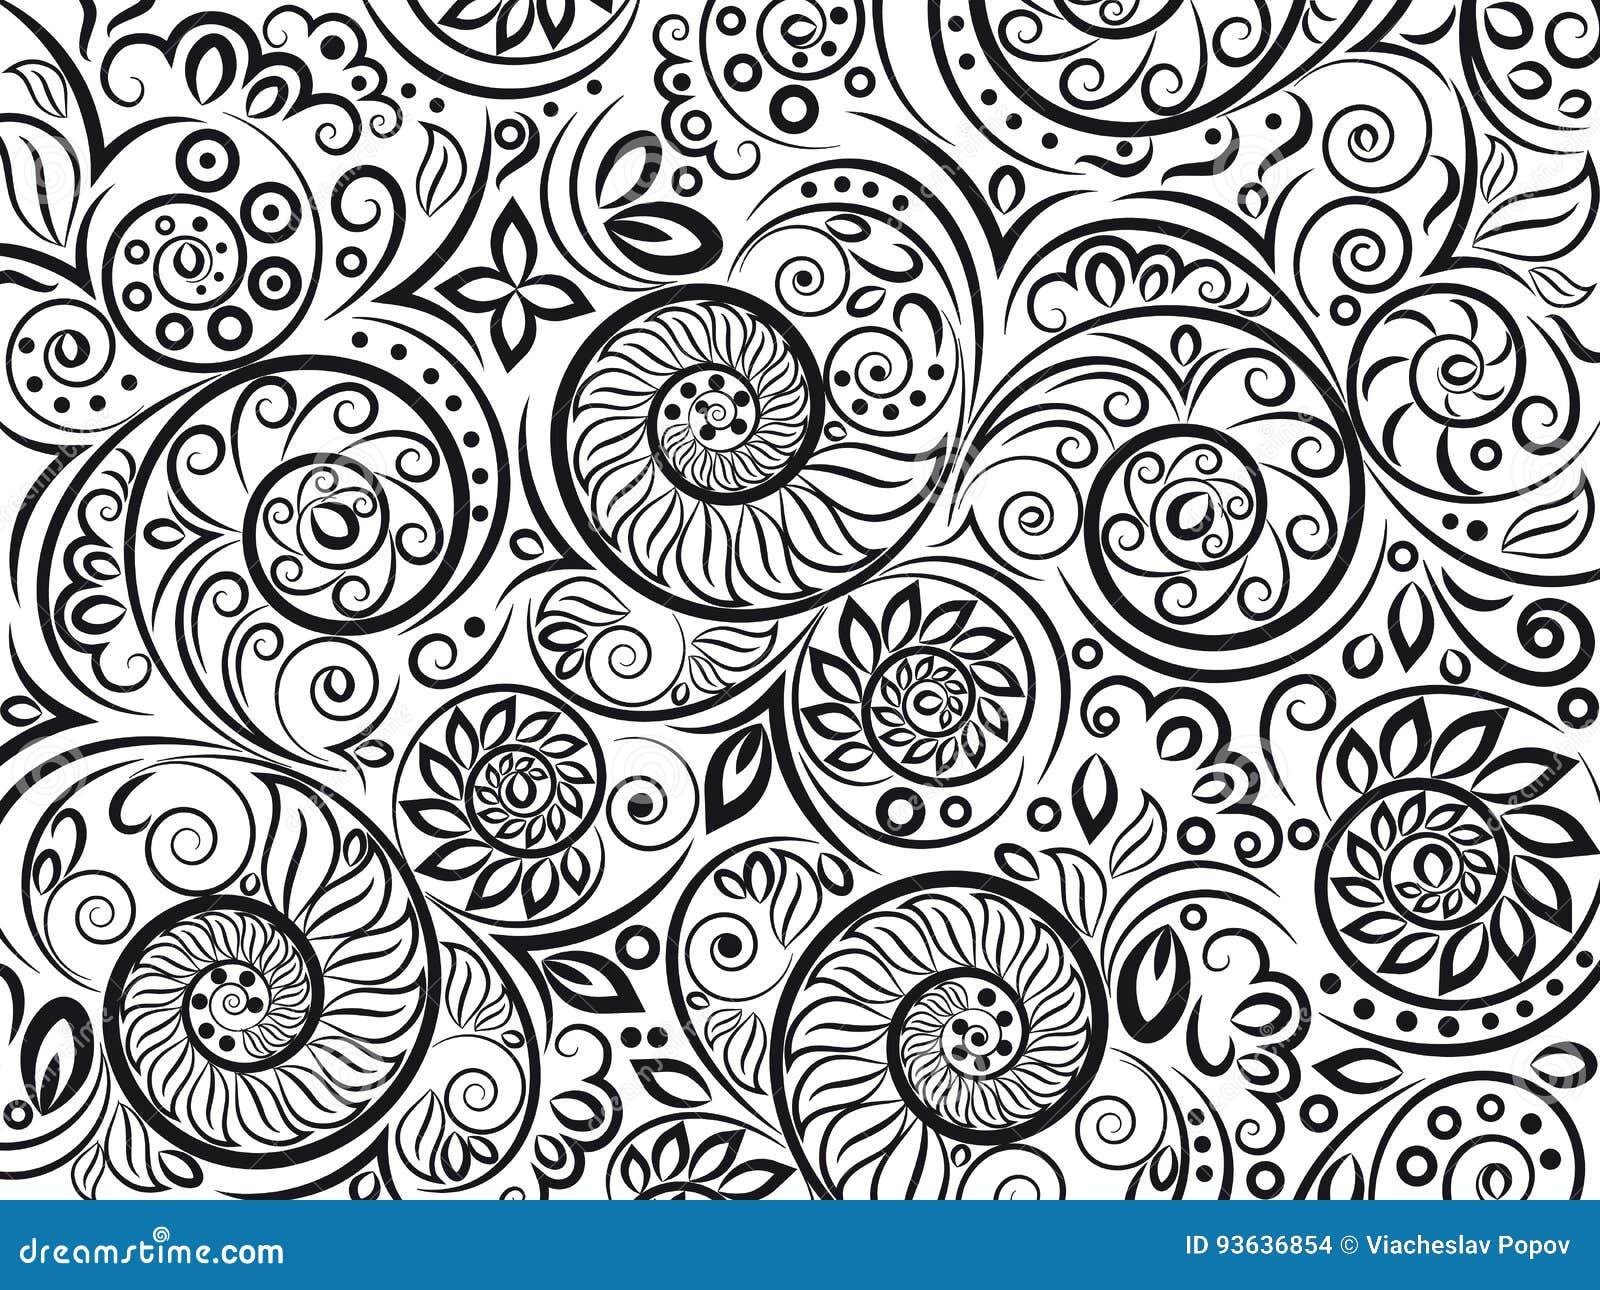 Estampado De Flores Blanco Y Negro Para El Libro De Colorear En